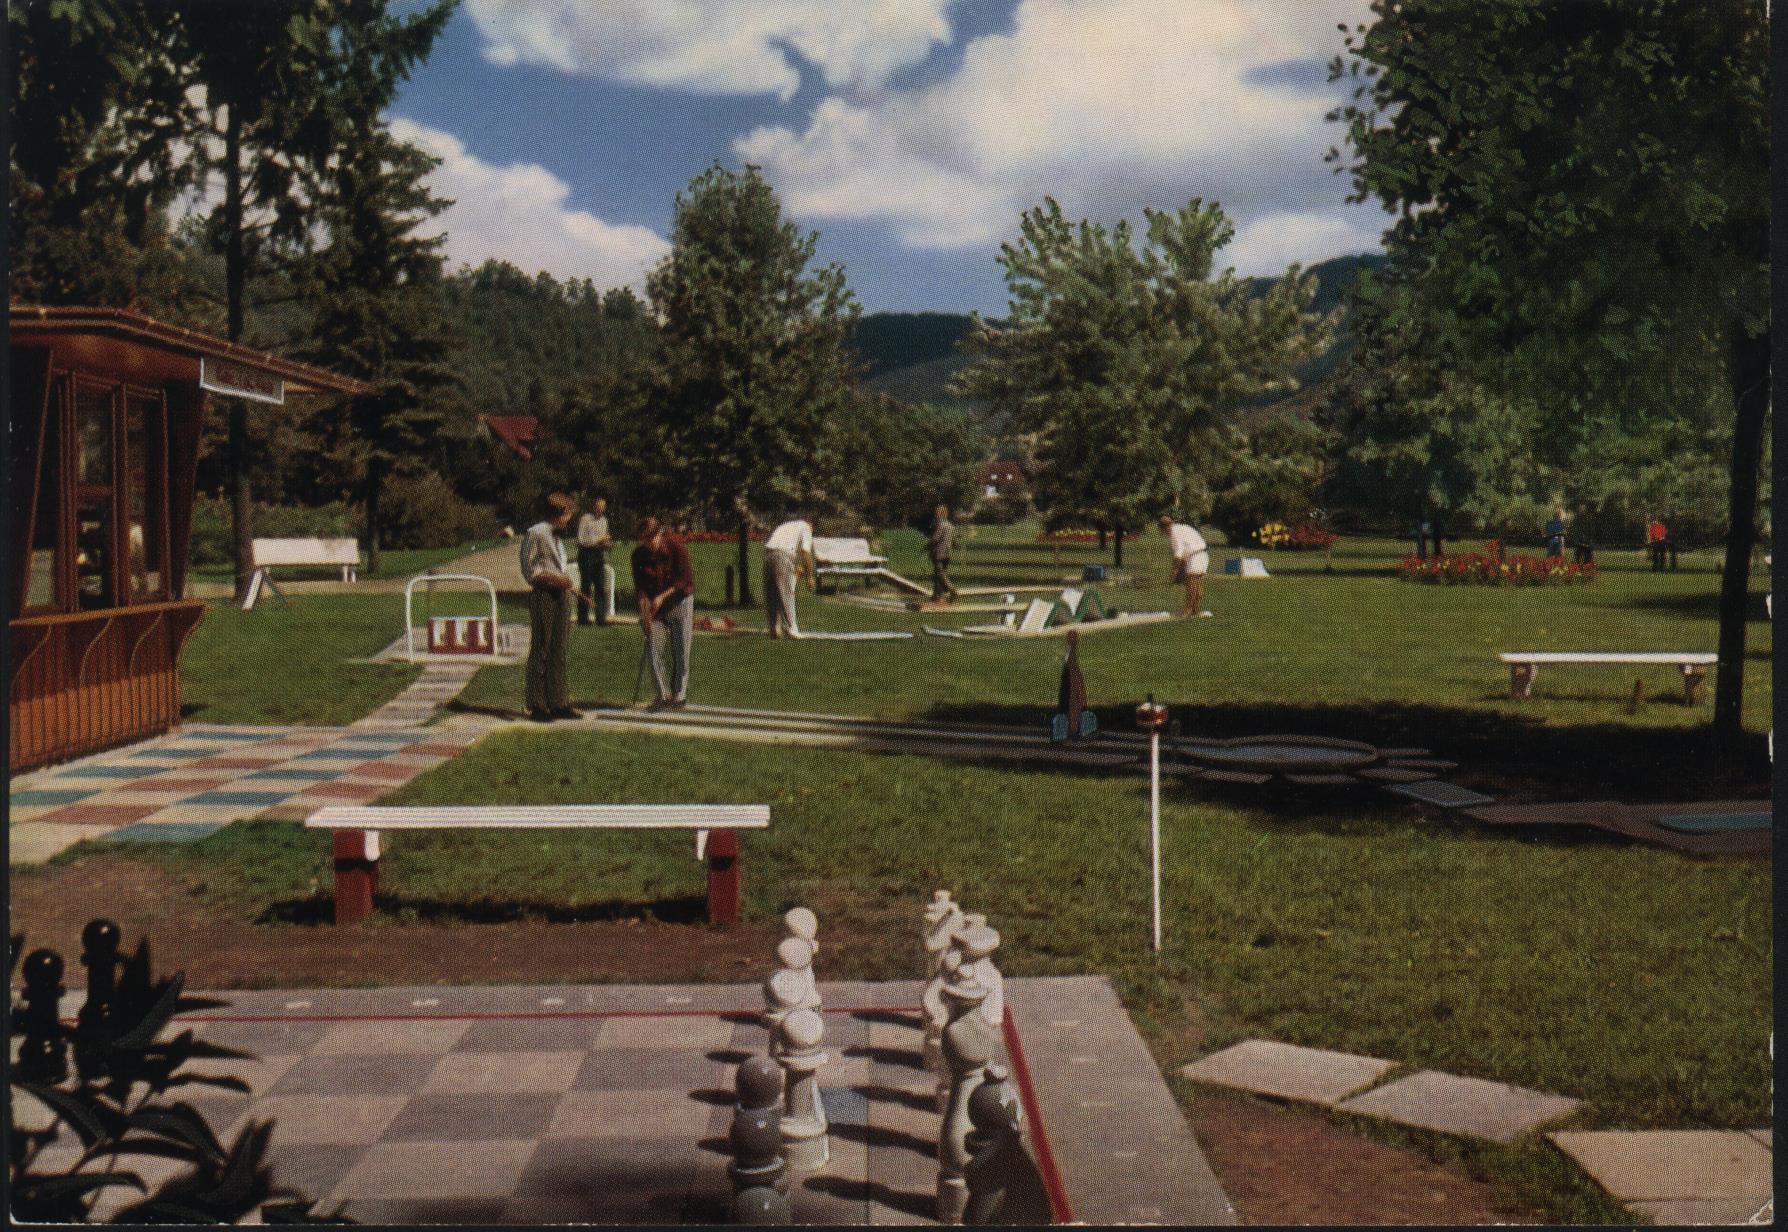 Rfa 72 76 bad lauterberg golf miniature dans le parc des curistes